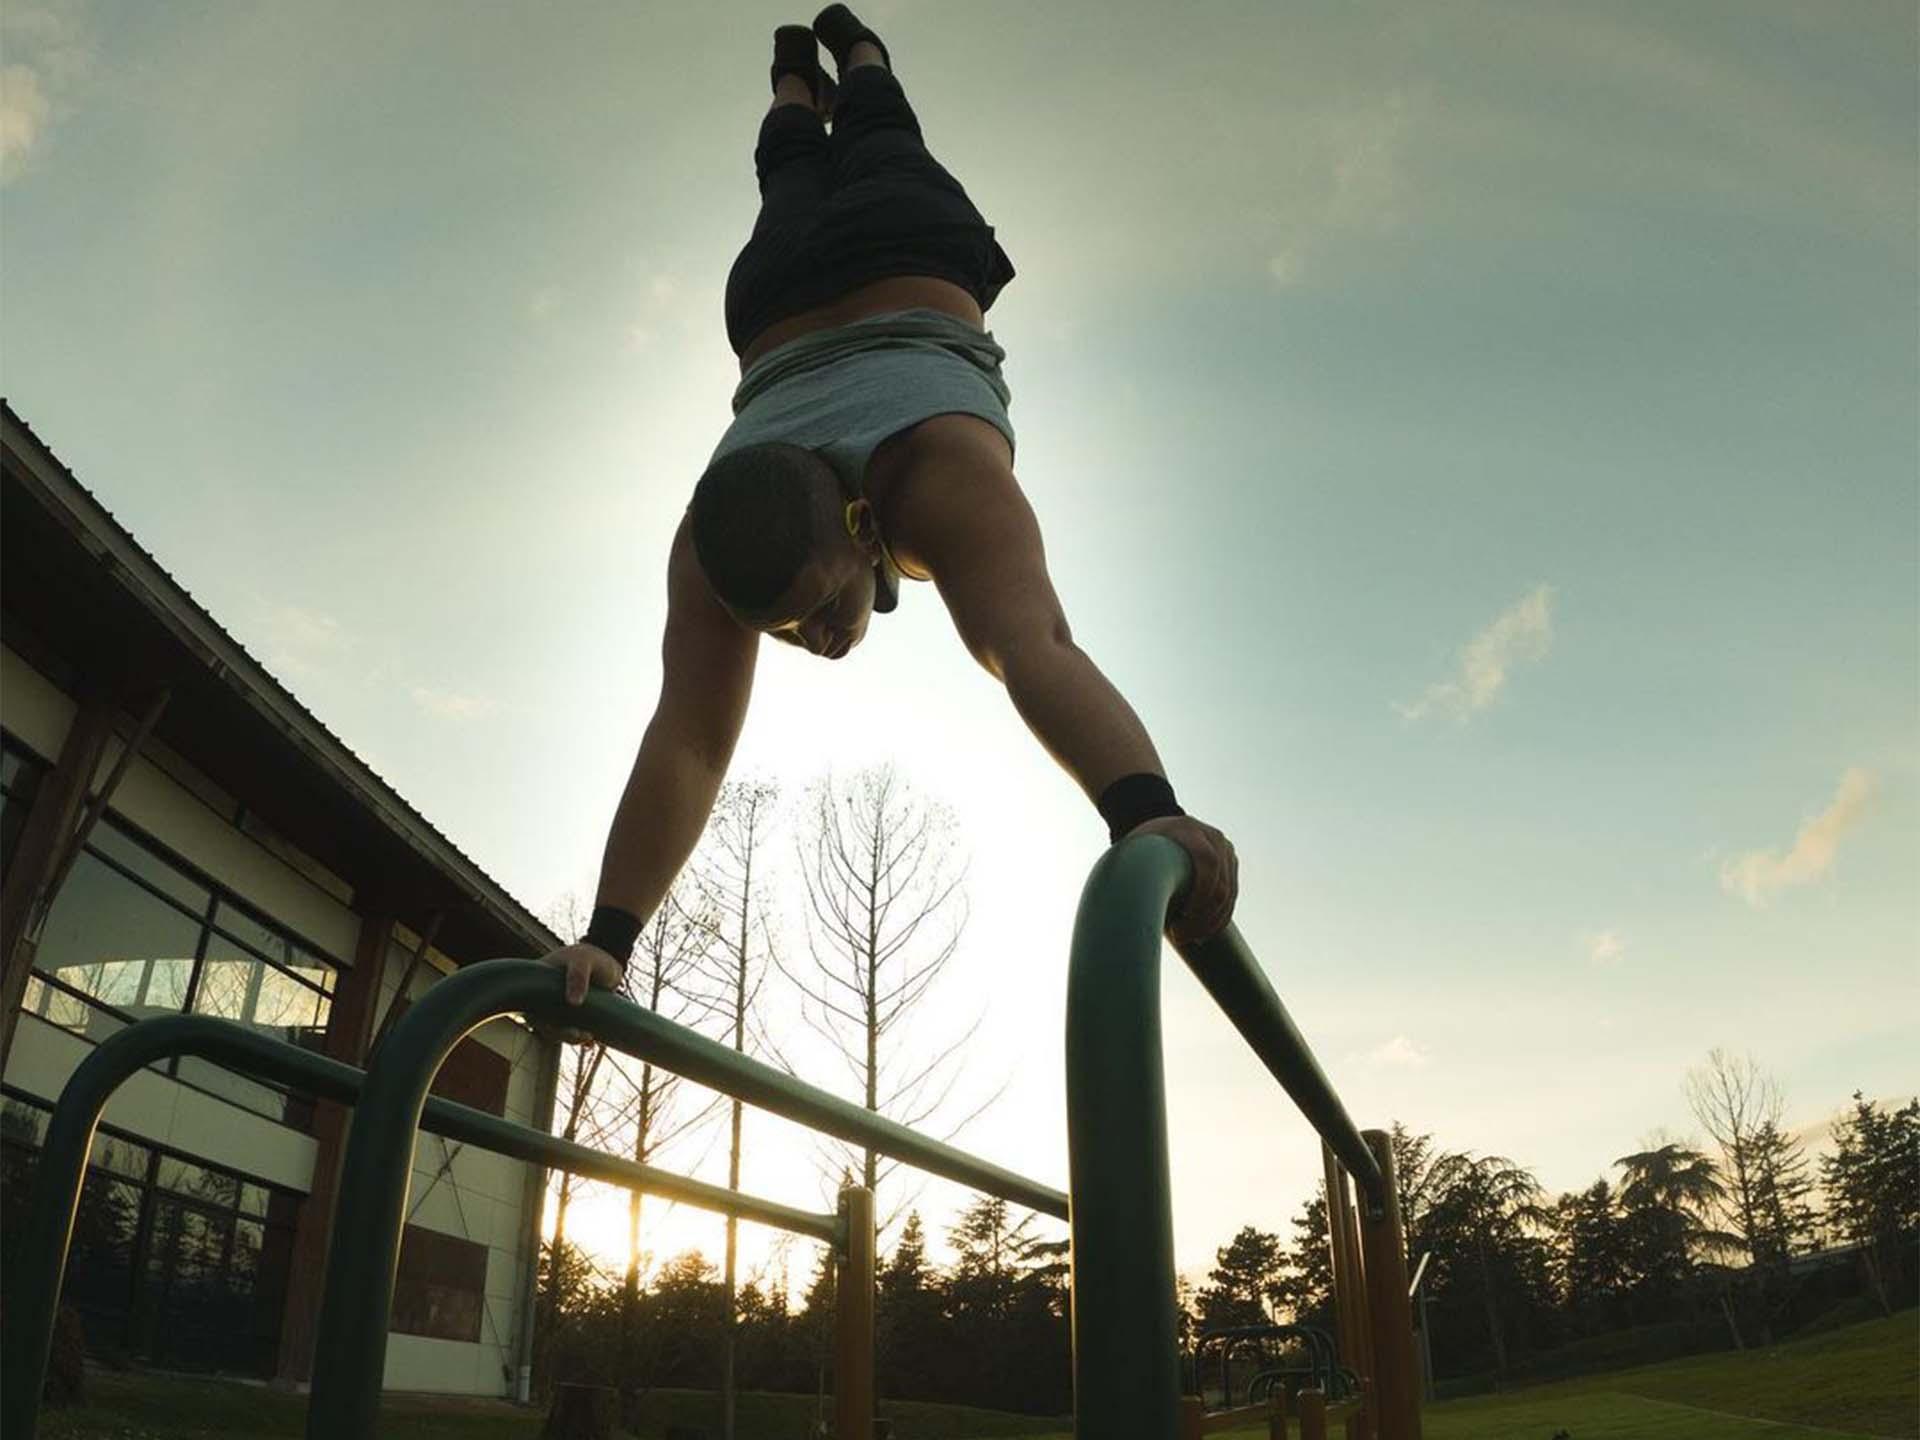 Photo d'une aire de Street-Workout avec un sportif à Issoudun